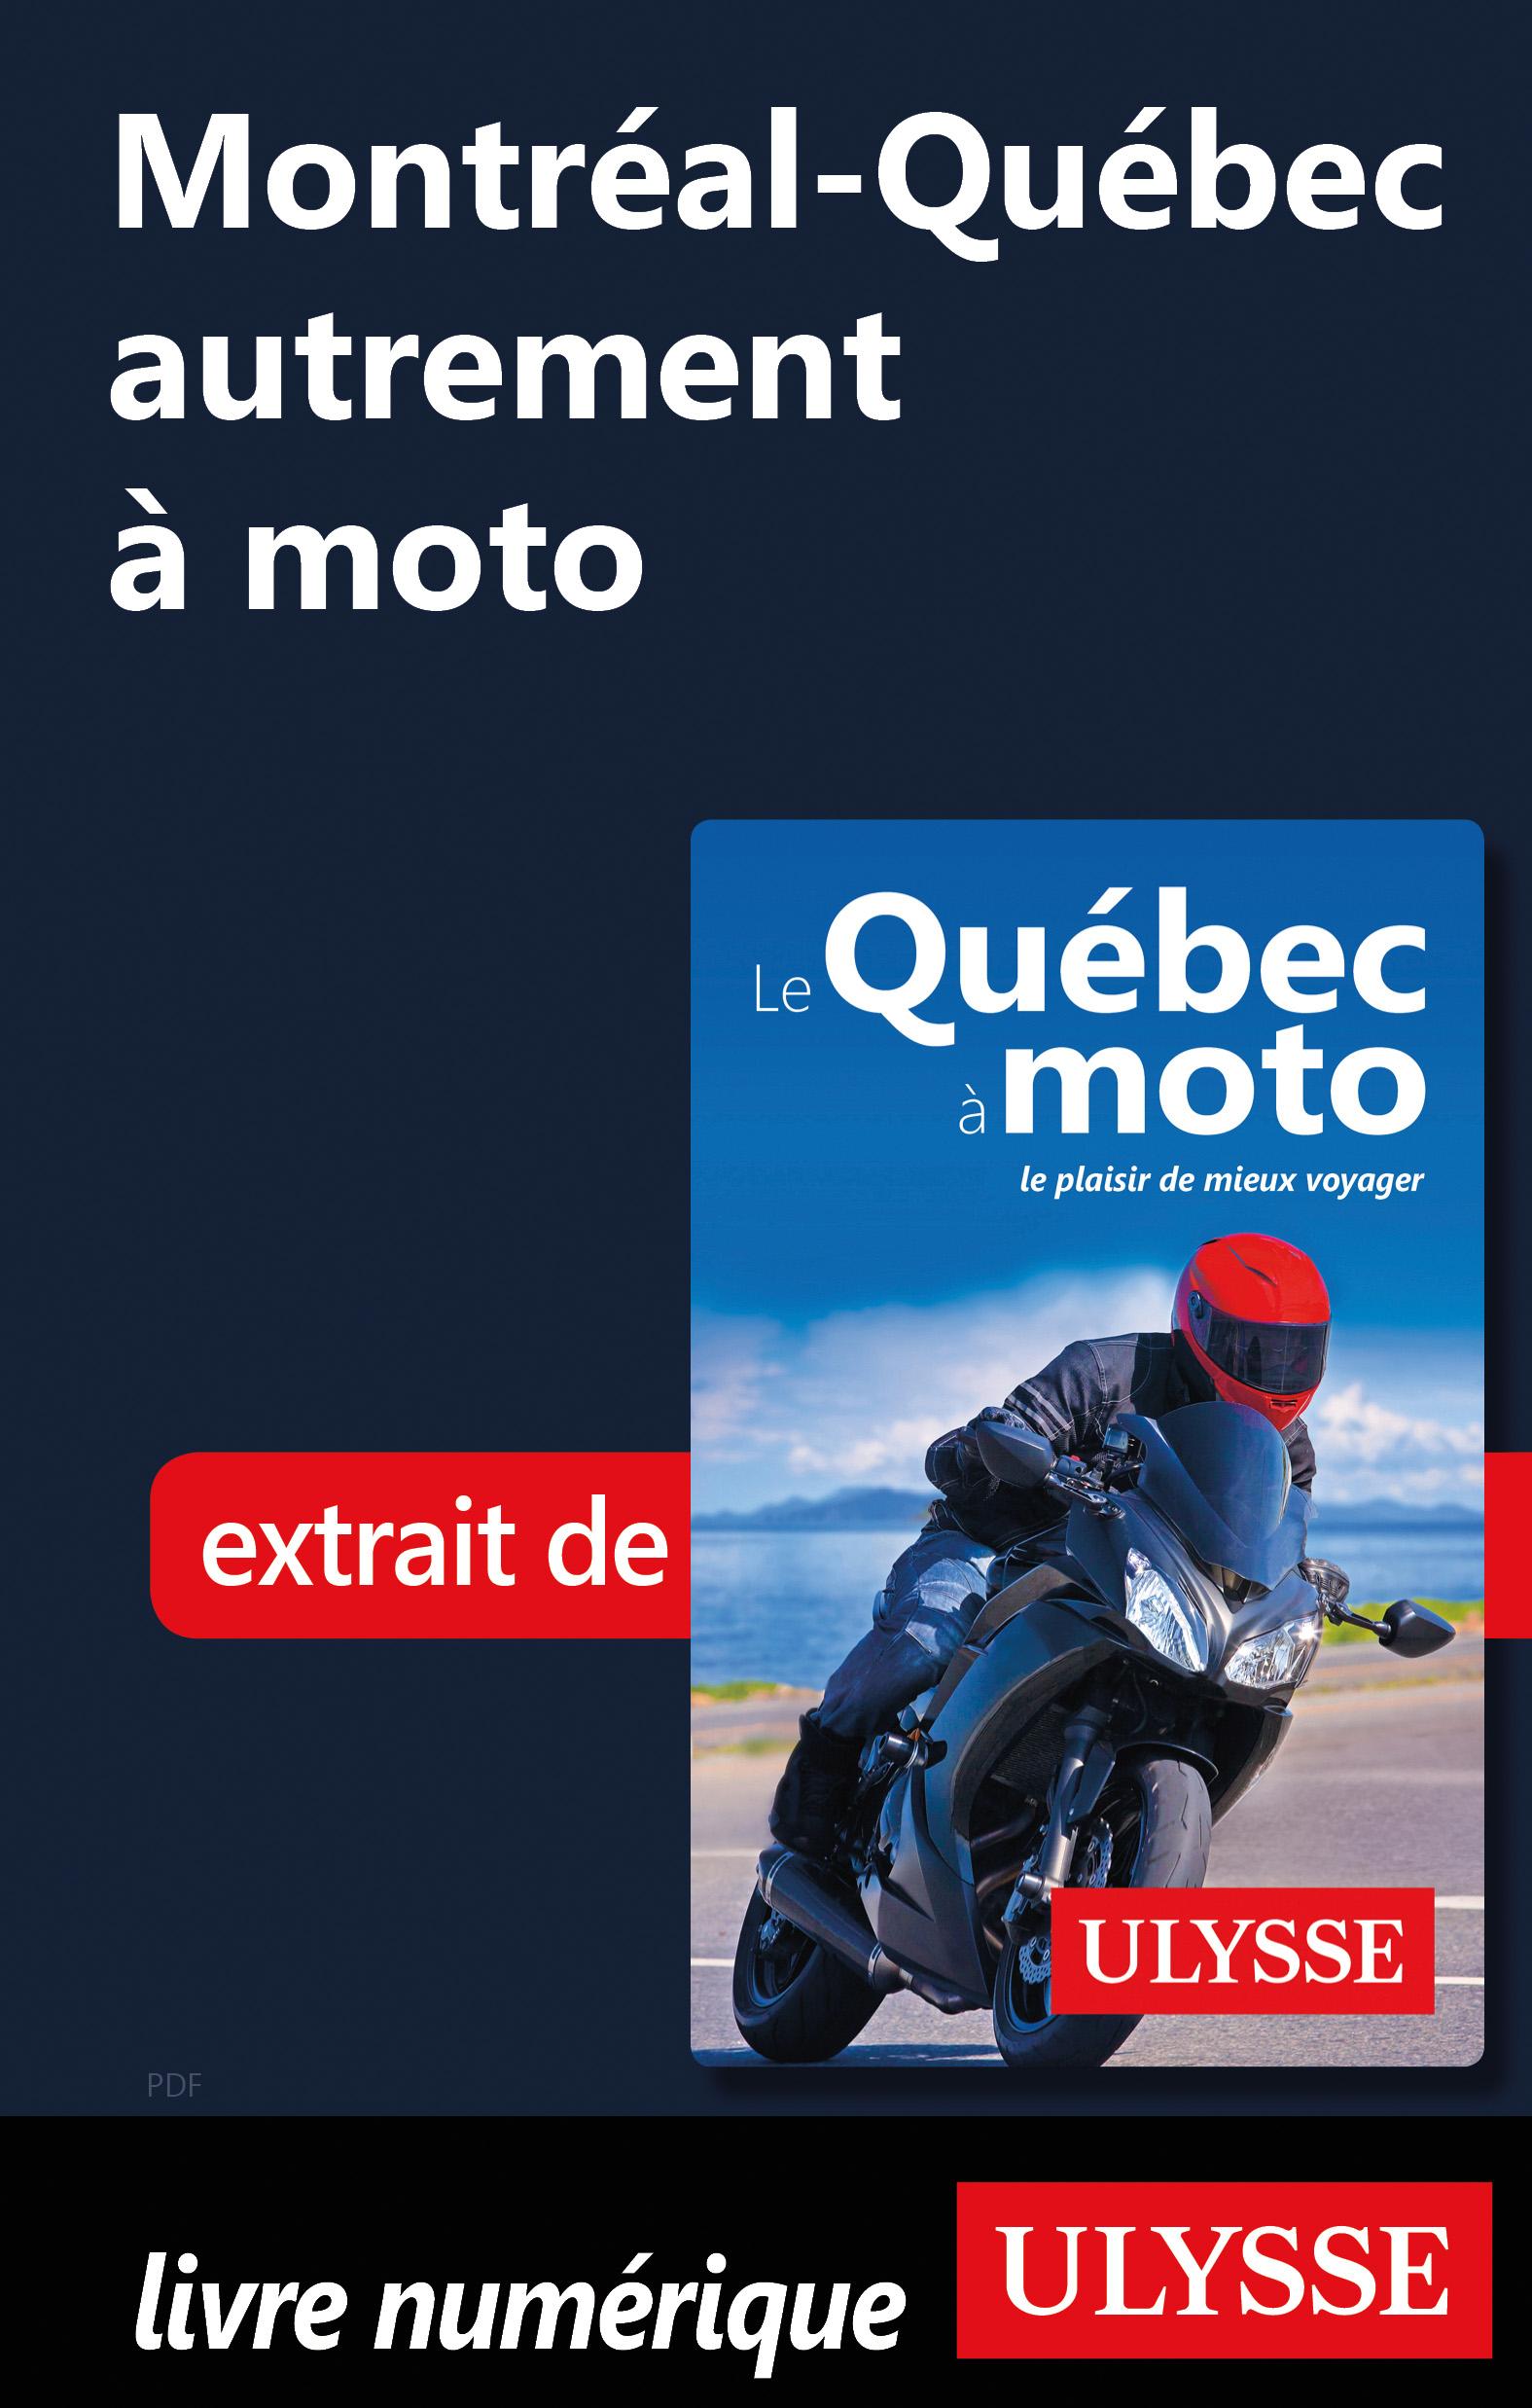 Montréal-Québec autrement à moto